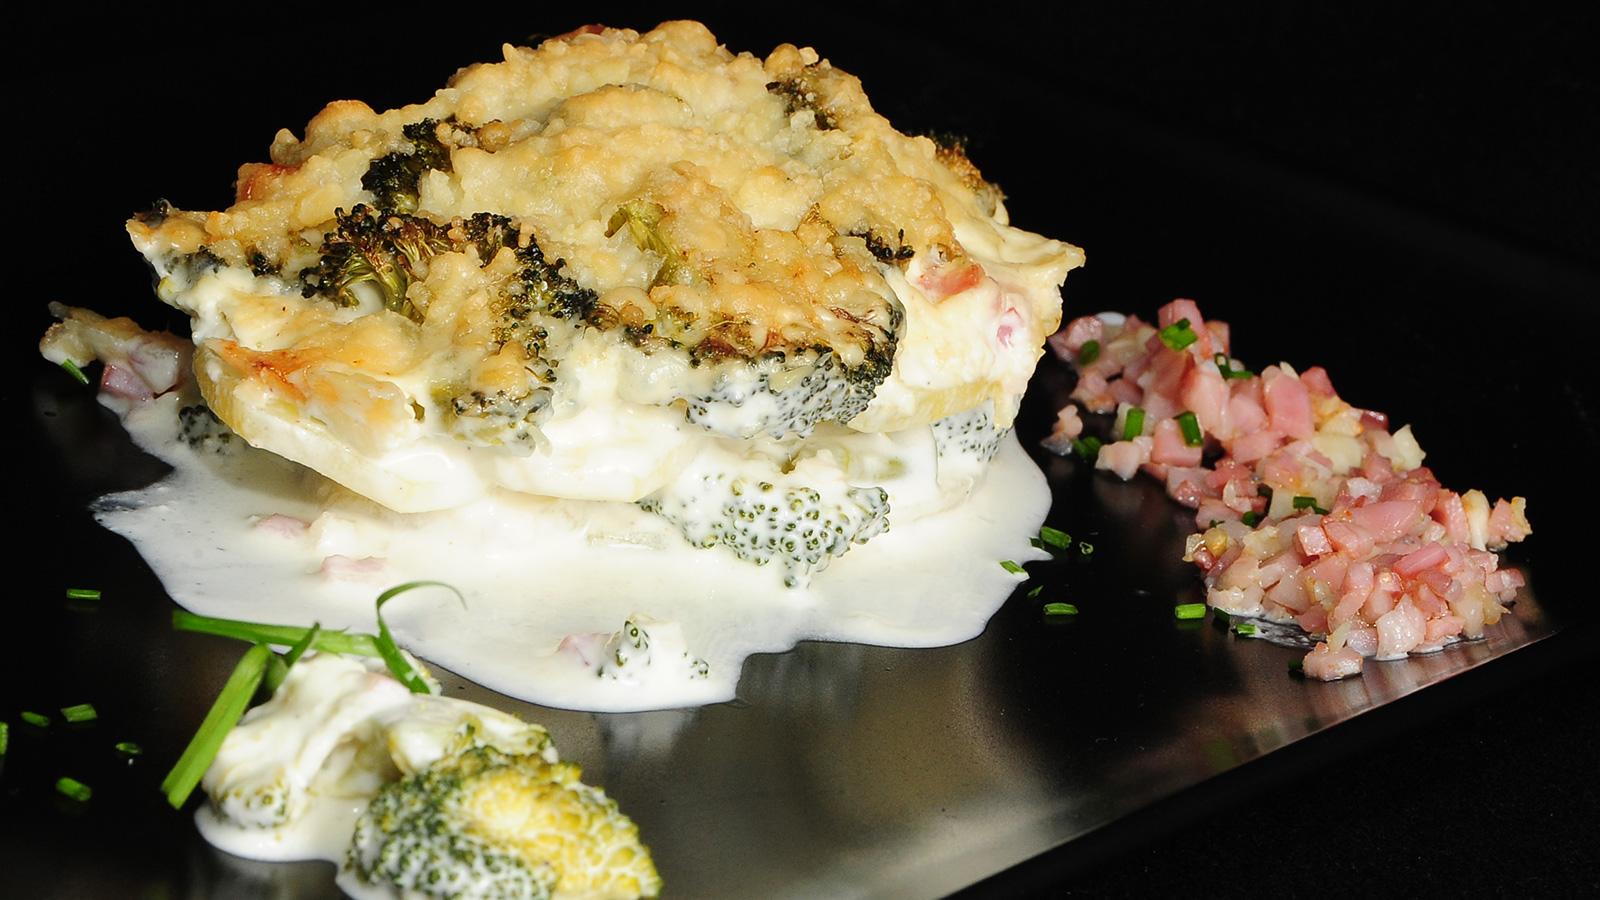 Grat n de br coli con queso manchego y beicon chema de for Chema de isidro canal cocina